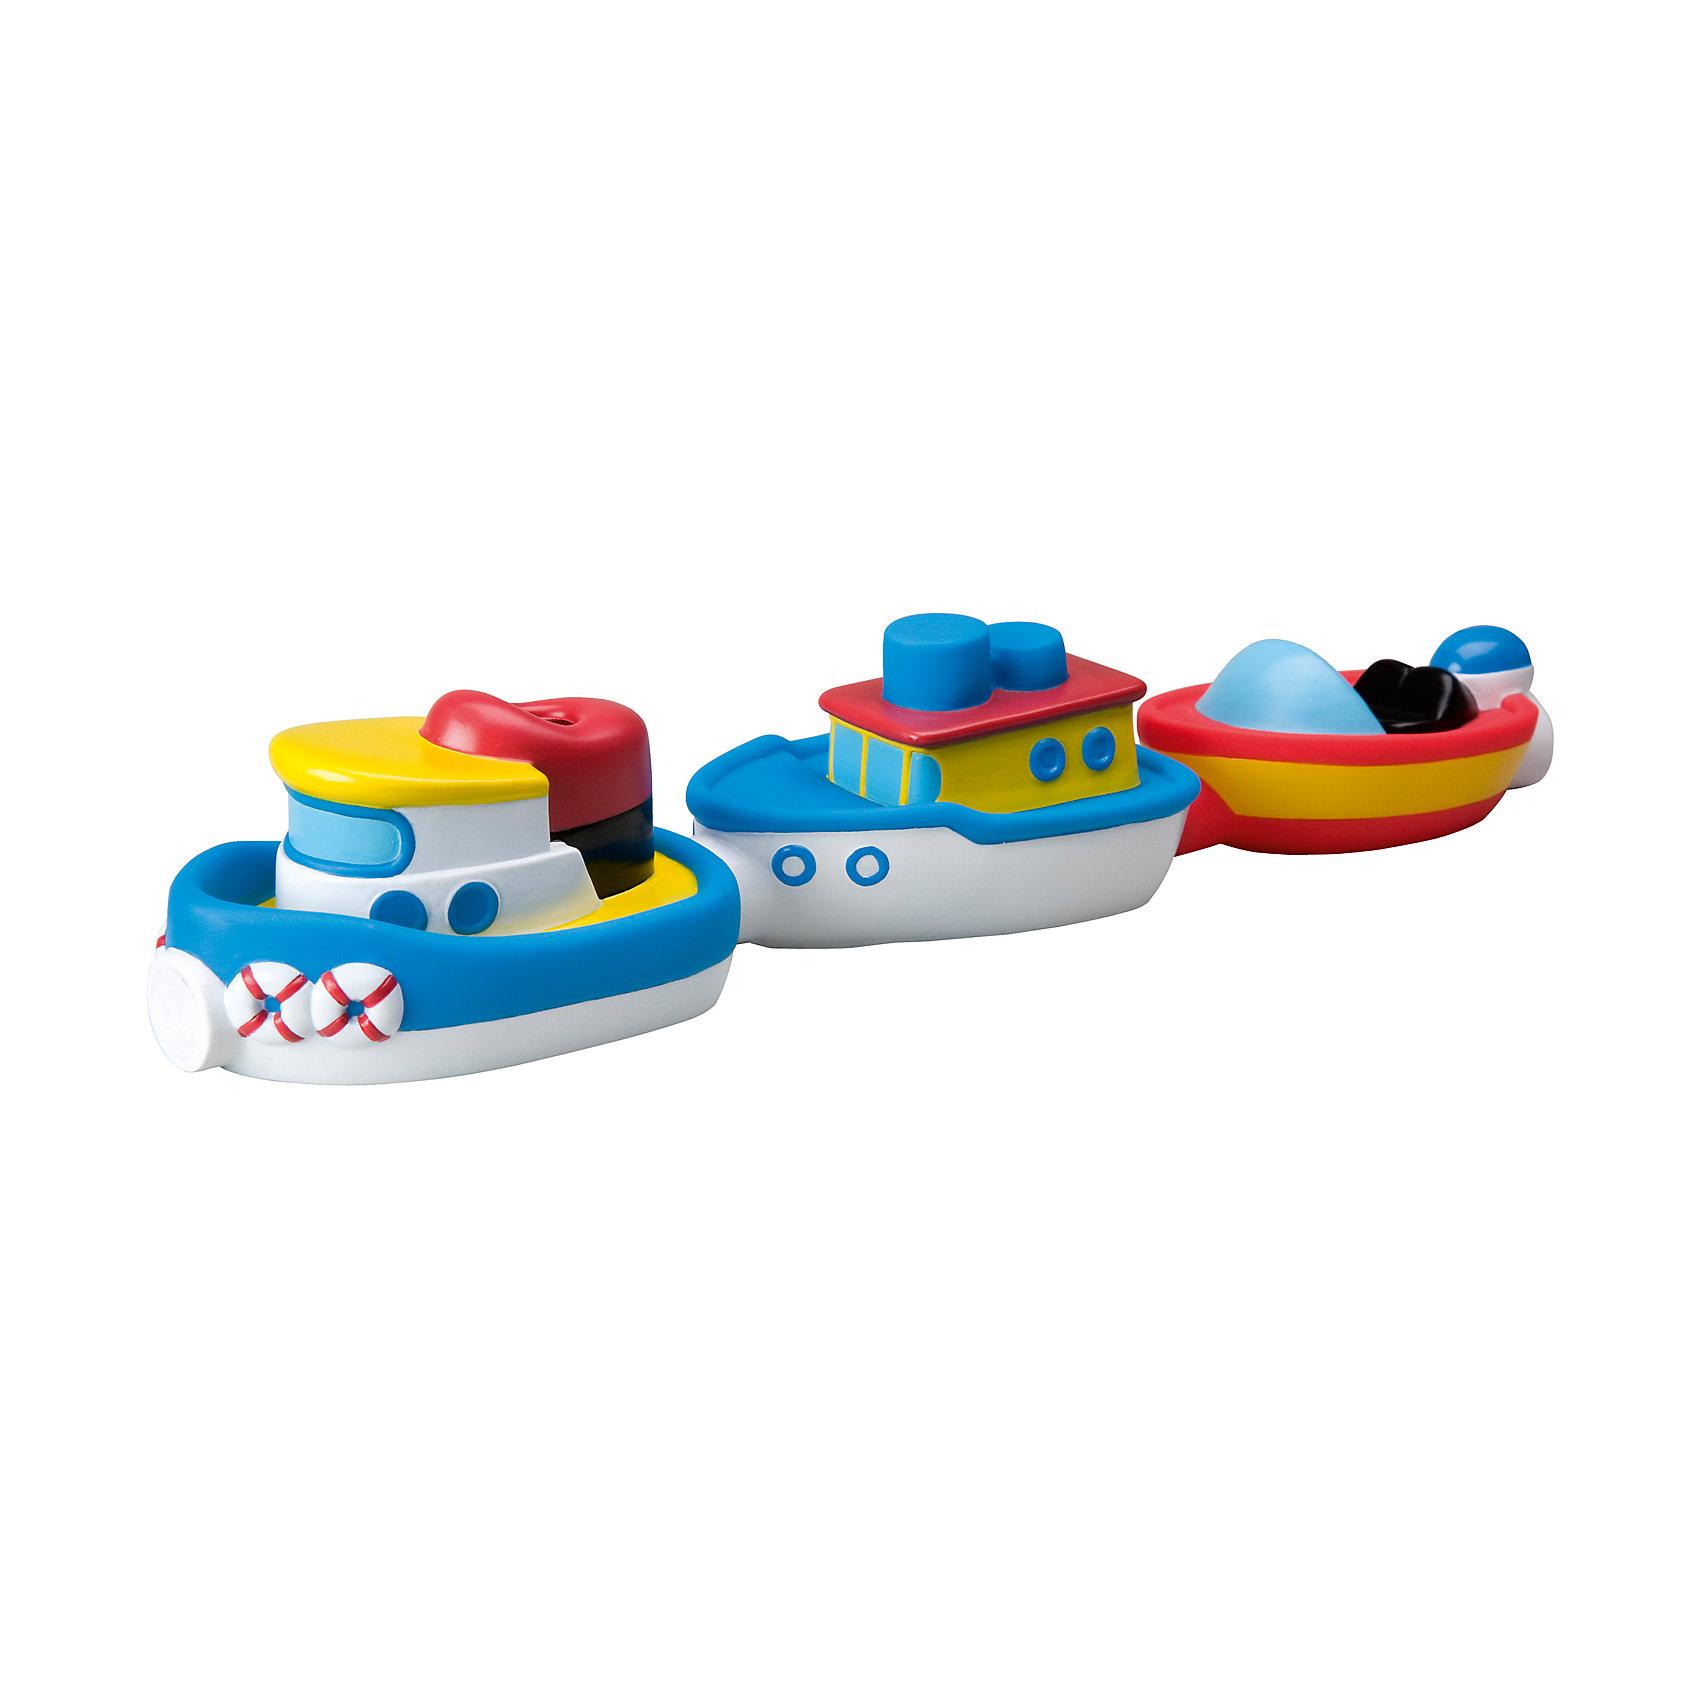 Игрушка для ванны Магнитные лодочки, ALEXИгрушка для ванны Магнитные лодочки, ALEX (АЛЕКС) - эта забавная игрушка развеселит вашего малыша во время купания.<br>Игрушка для ванны Магнитные лодочки от ALEX (АЛЕКС) привлечет внимание вашего малыша и превратит купание в веселую игру! Ведь с тремя яркими лодочками купаться весело и интересно! Внутри лодочек находится магнит, поэтому они могут прицепляться друг к другу и плавать вместе, как на буксире. Игрушка для ванны Магнитные лодочки развивает воображение, цветовосприятие, мелкую моторику, а также помогает ребенку справиться с боязнью воды.<br><br>Дополнительная информация:<br><br>- В наборе: 3 разноцветные лодочки<br>- Материал: пластик<br>- Размер упаковки: 29,9x10x20,3 см.<br><br>Игрушку для ванны Магнитные лодочки, ALEX (АЛЕКС) можно купить в нашем интернет-магазине.<br><br>Ширина мм: 287<br>Глубина мм: 192<br>Высота мм: 94<br>Вес г: 207<br>Возраст от месяцев: 24<br>Возраст до месяцев: 36<br>Пол: Унисекс<br>Возраст: Детский<br>SKU: 2422330